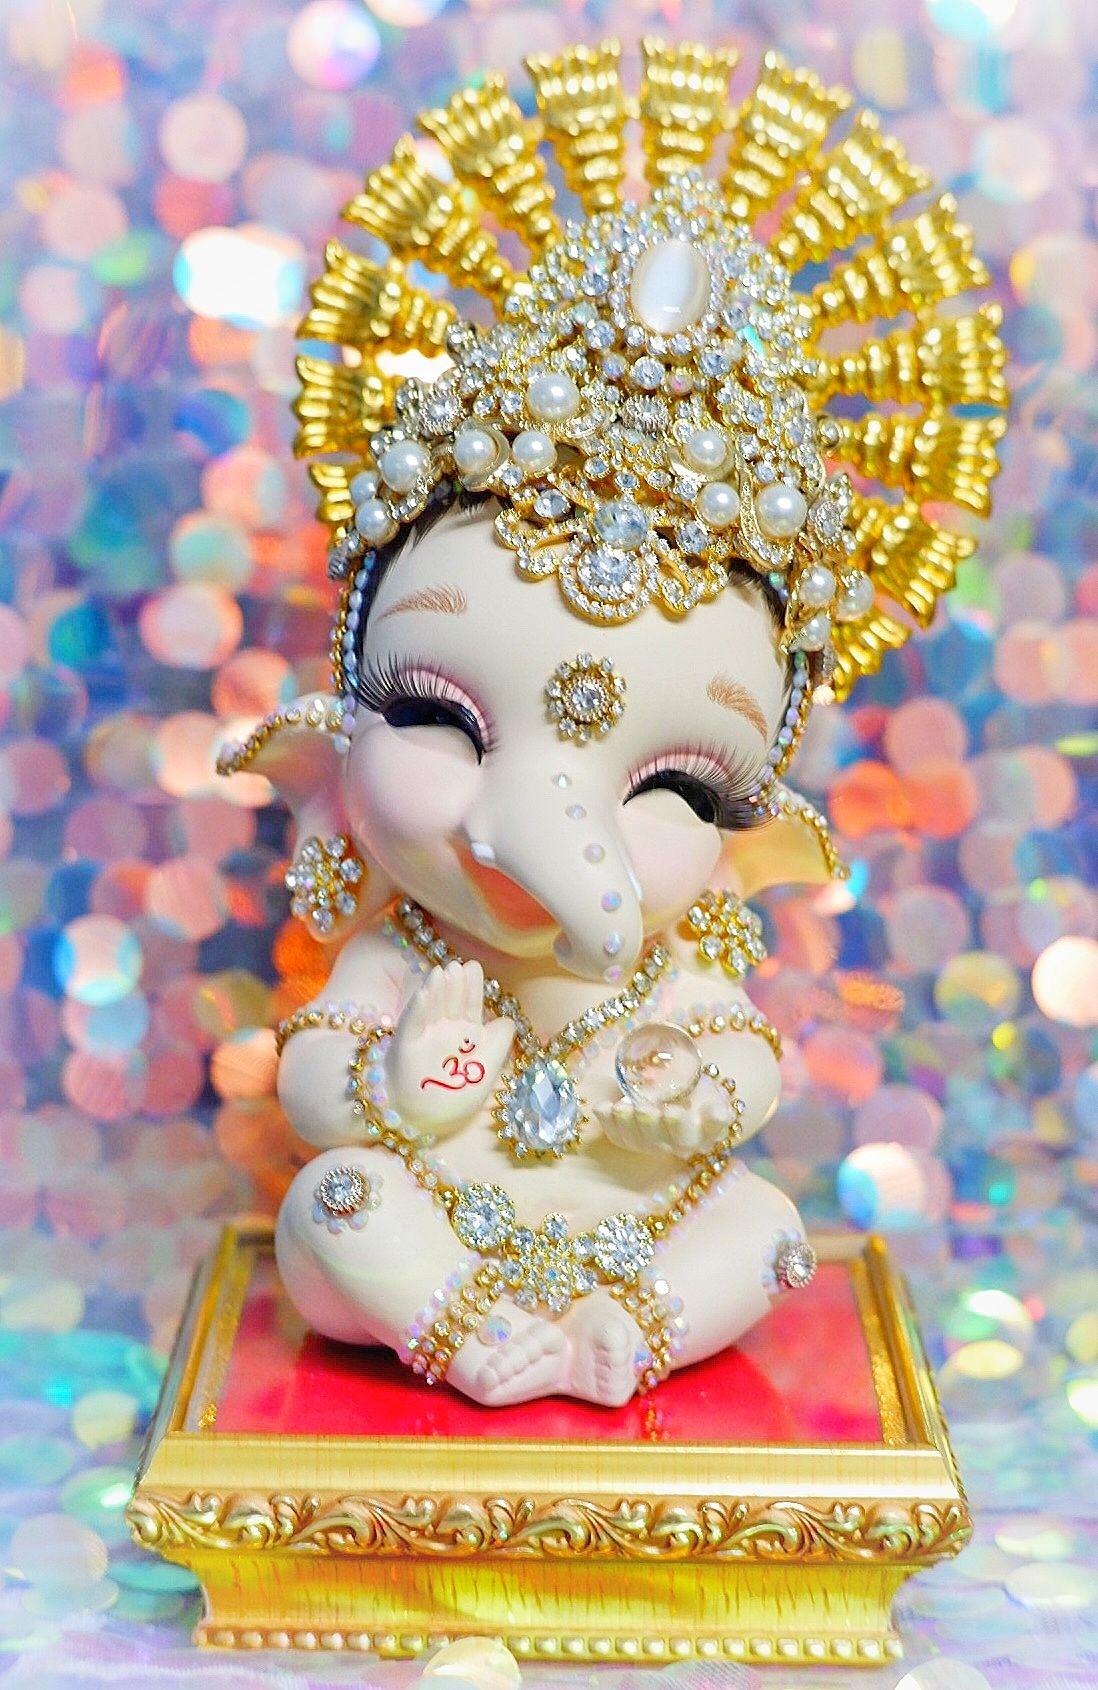 Pin By Chantakhon Official On Ganesh Happy Ganesh Chaturthi Images Baby Ganesha Happy Ganesh Chaturthi Beautiful cute baby ganesha wallpaper hd